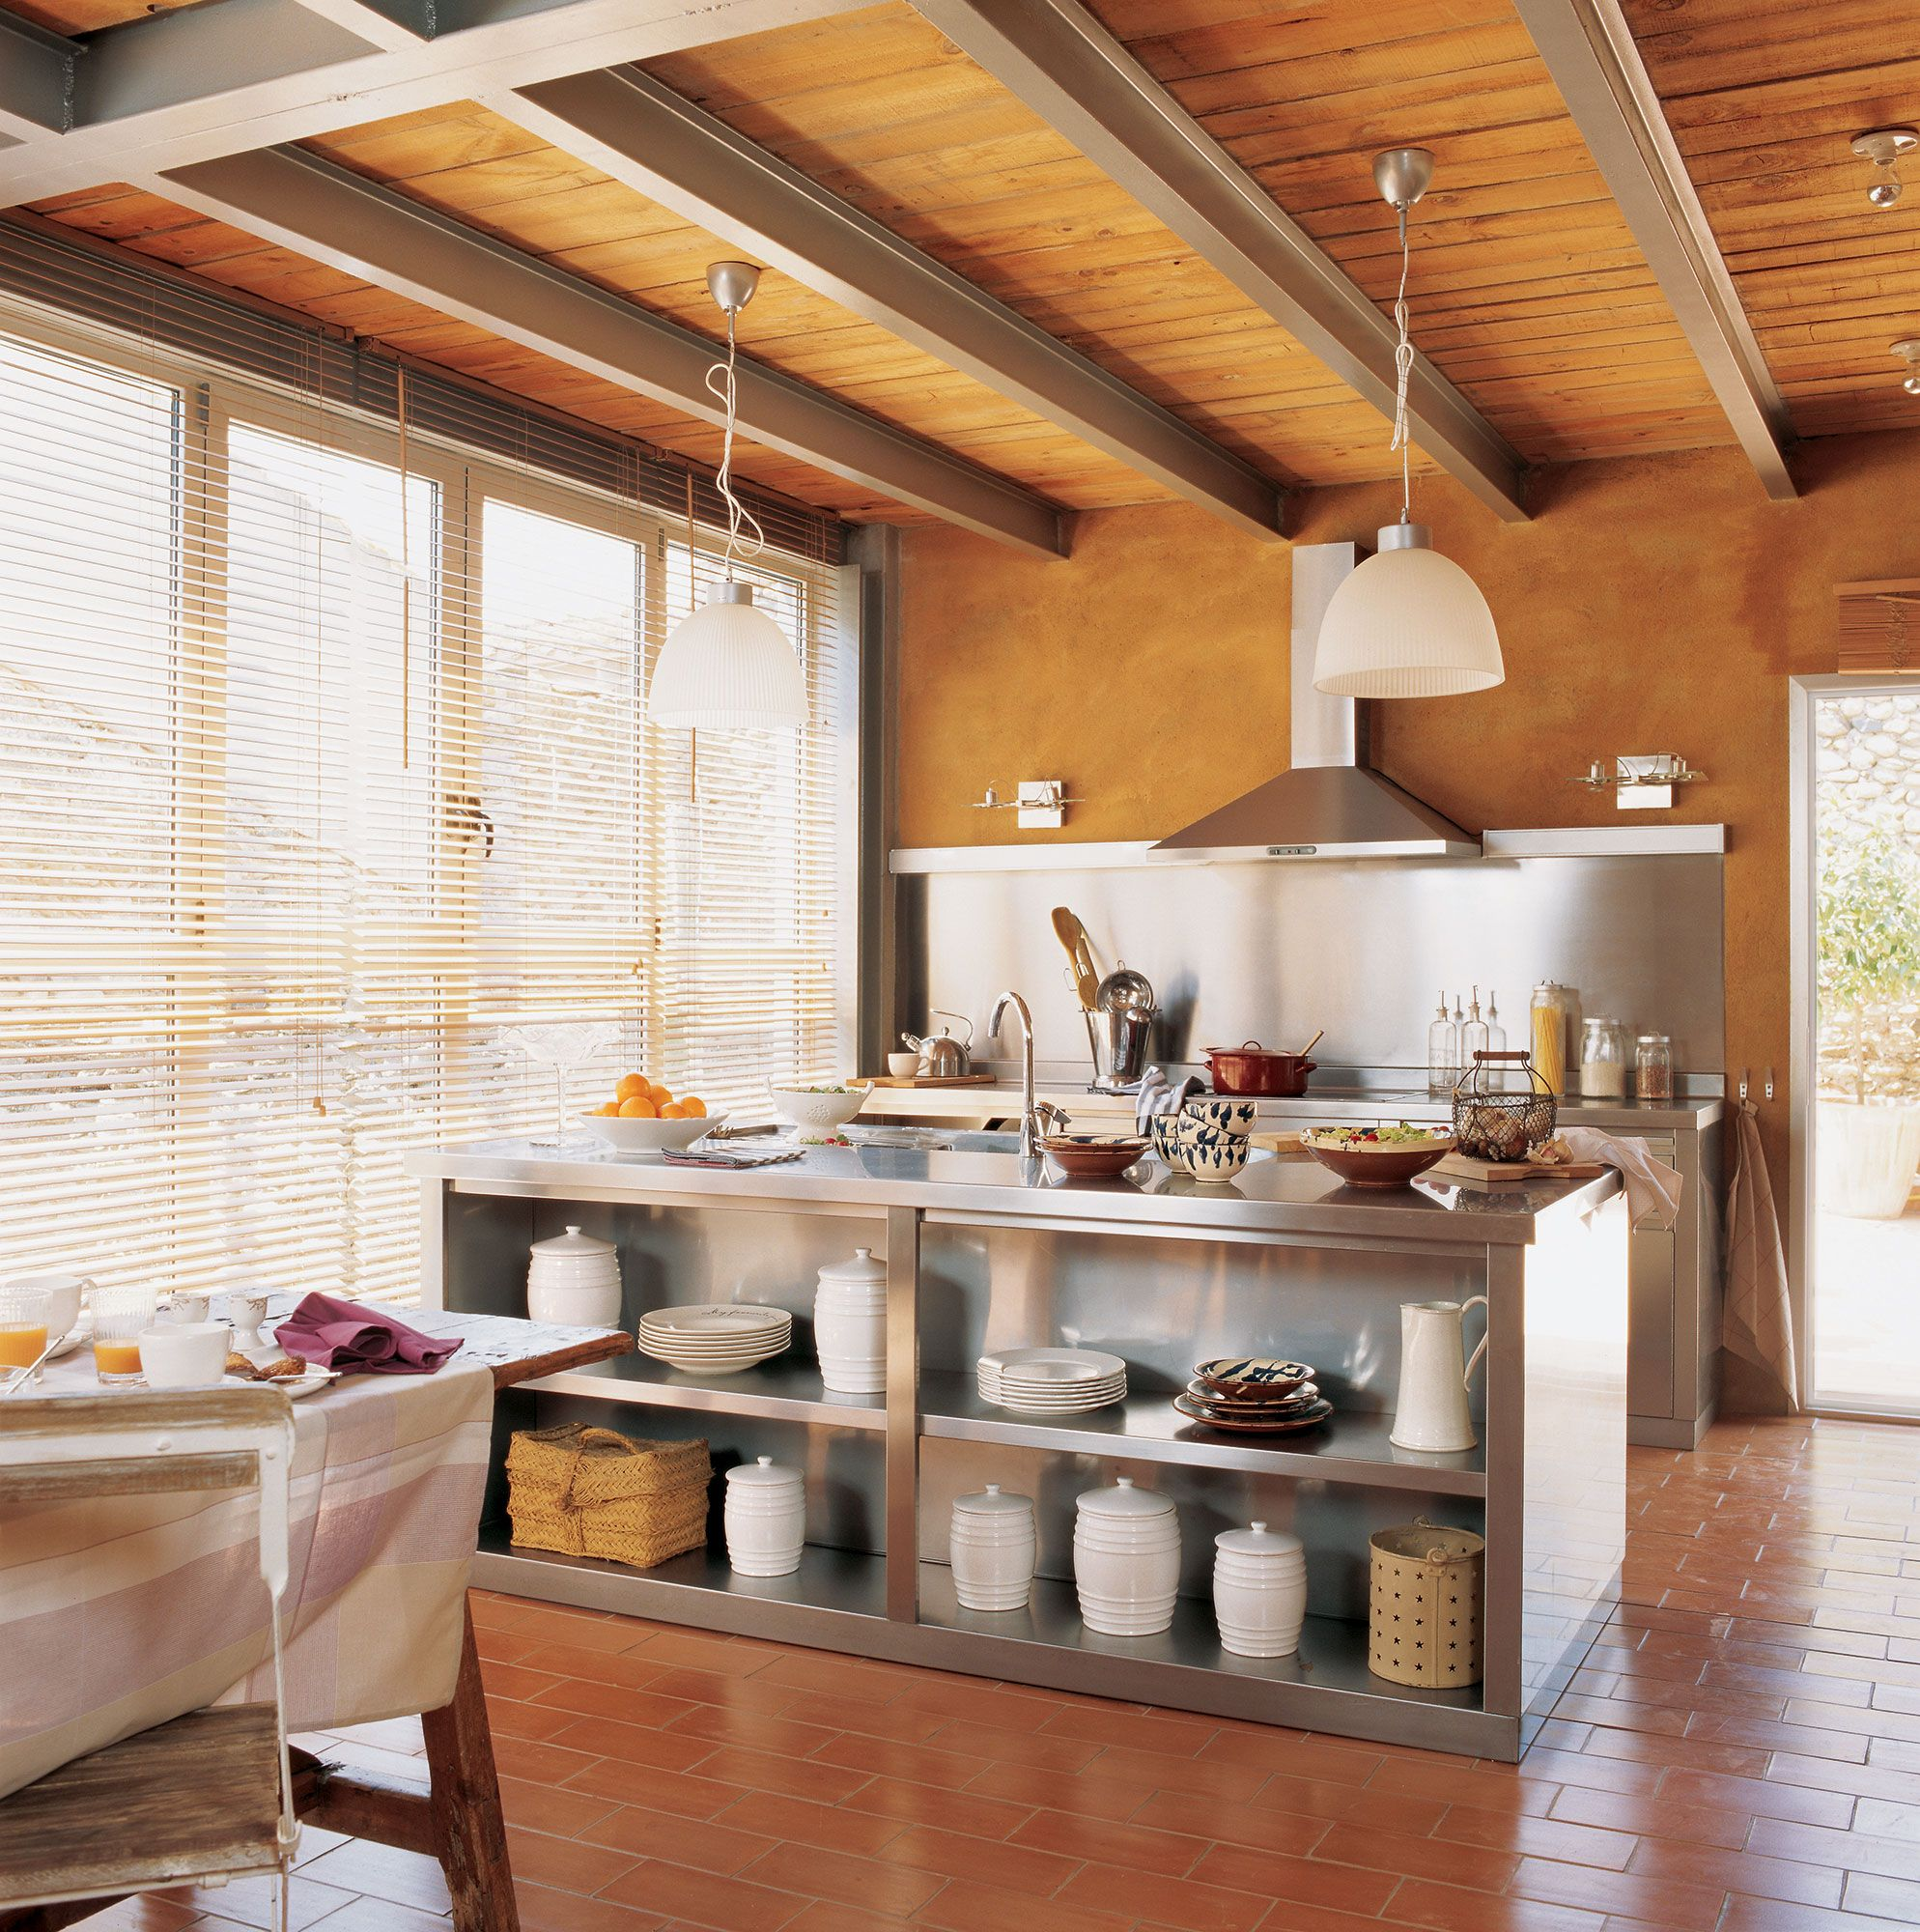 Cocina Con Paredes Aranjadas Al Xido Gran Ventanal Muebles De  # Feeling Muebles